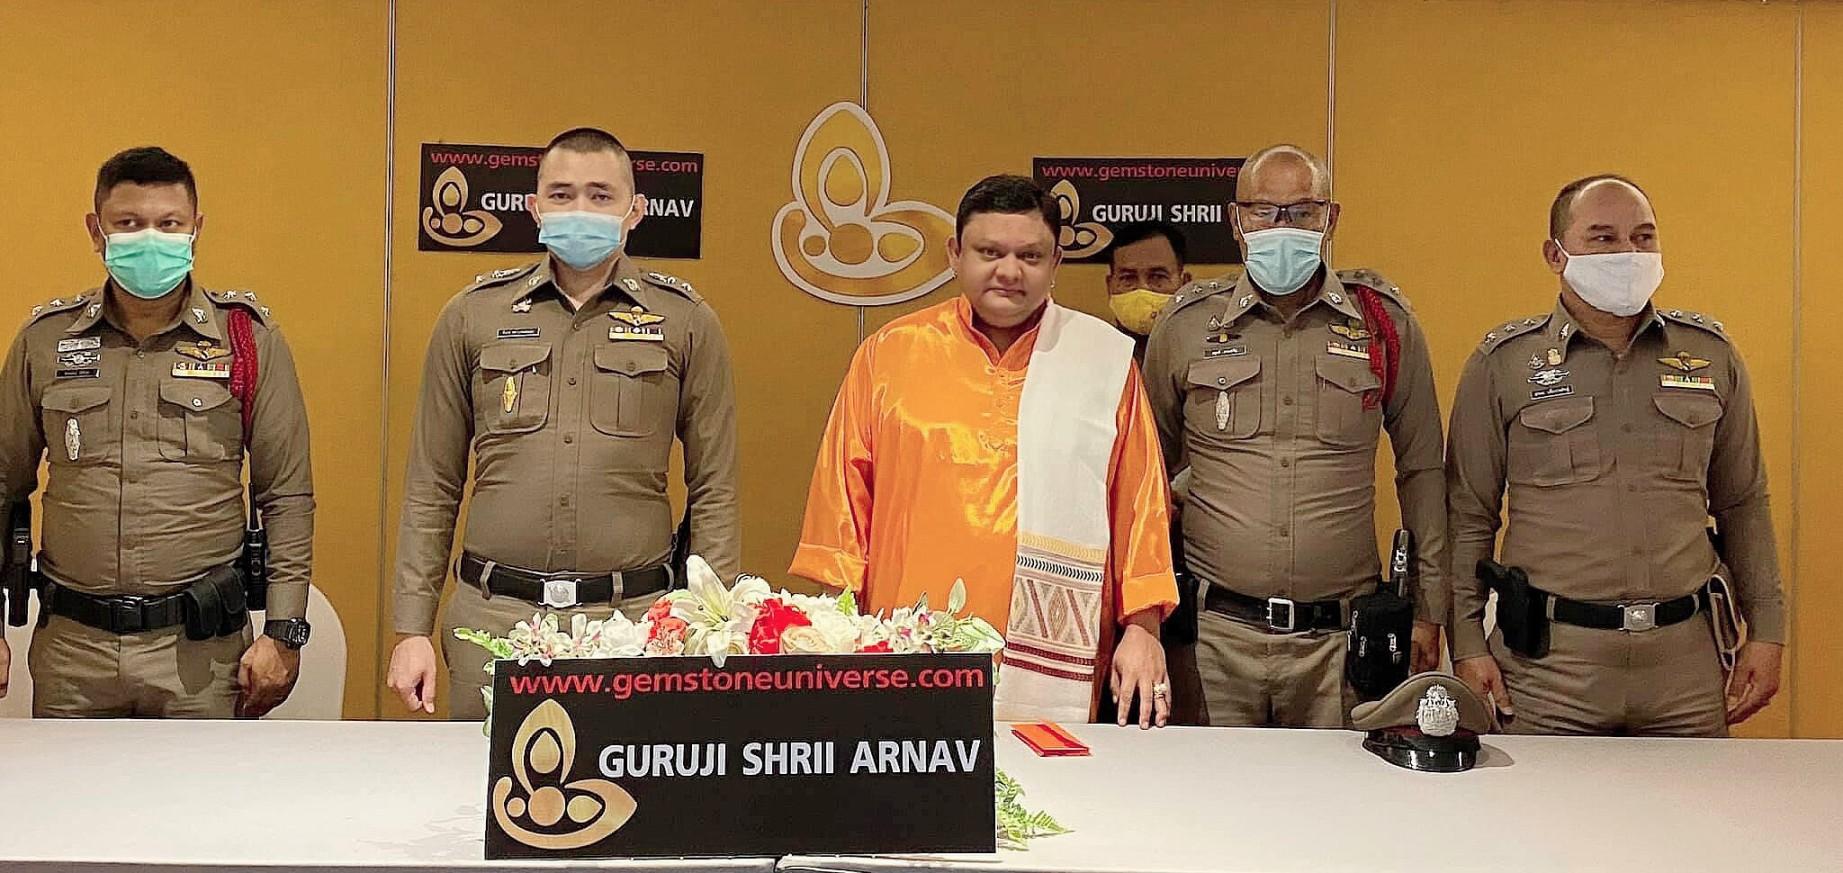 Guruji Shrii Arnav with senior officers of the Royal Thai Police